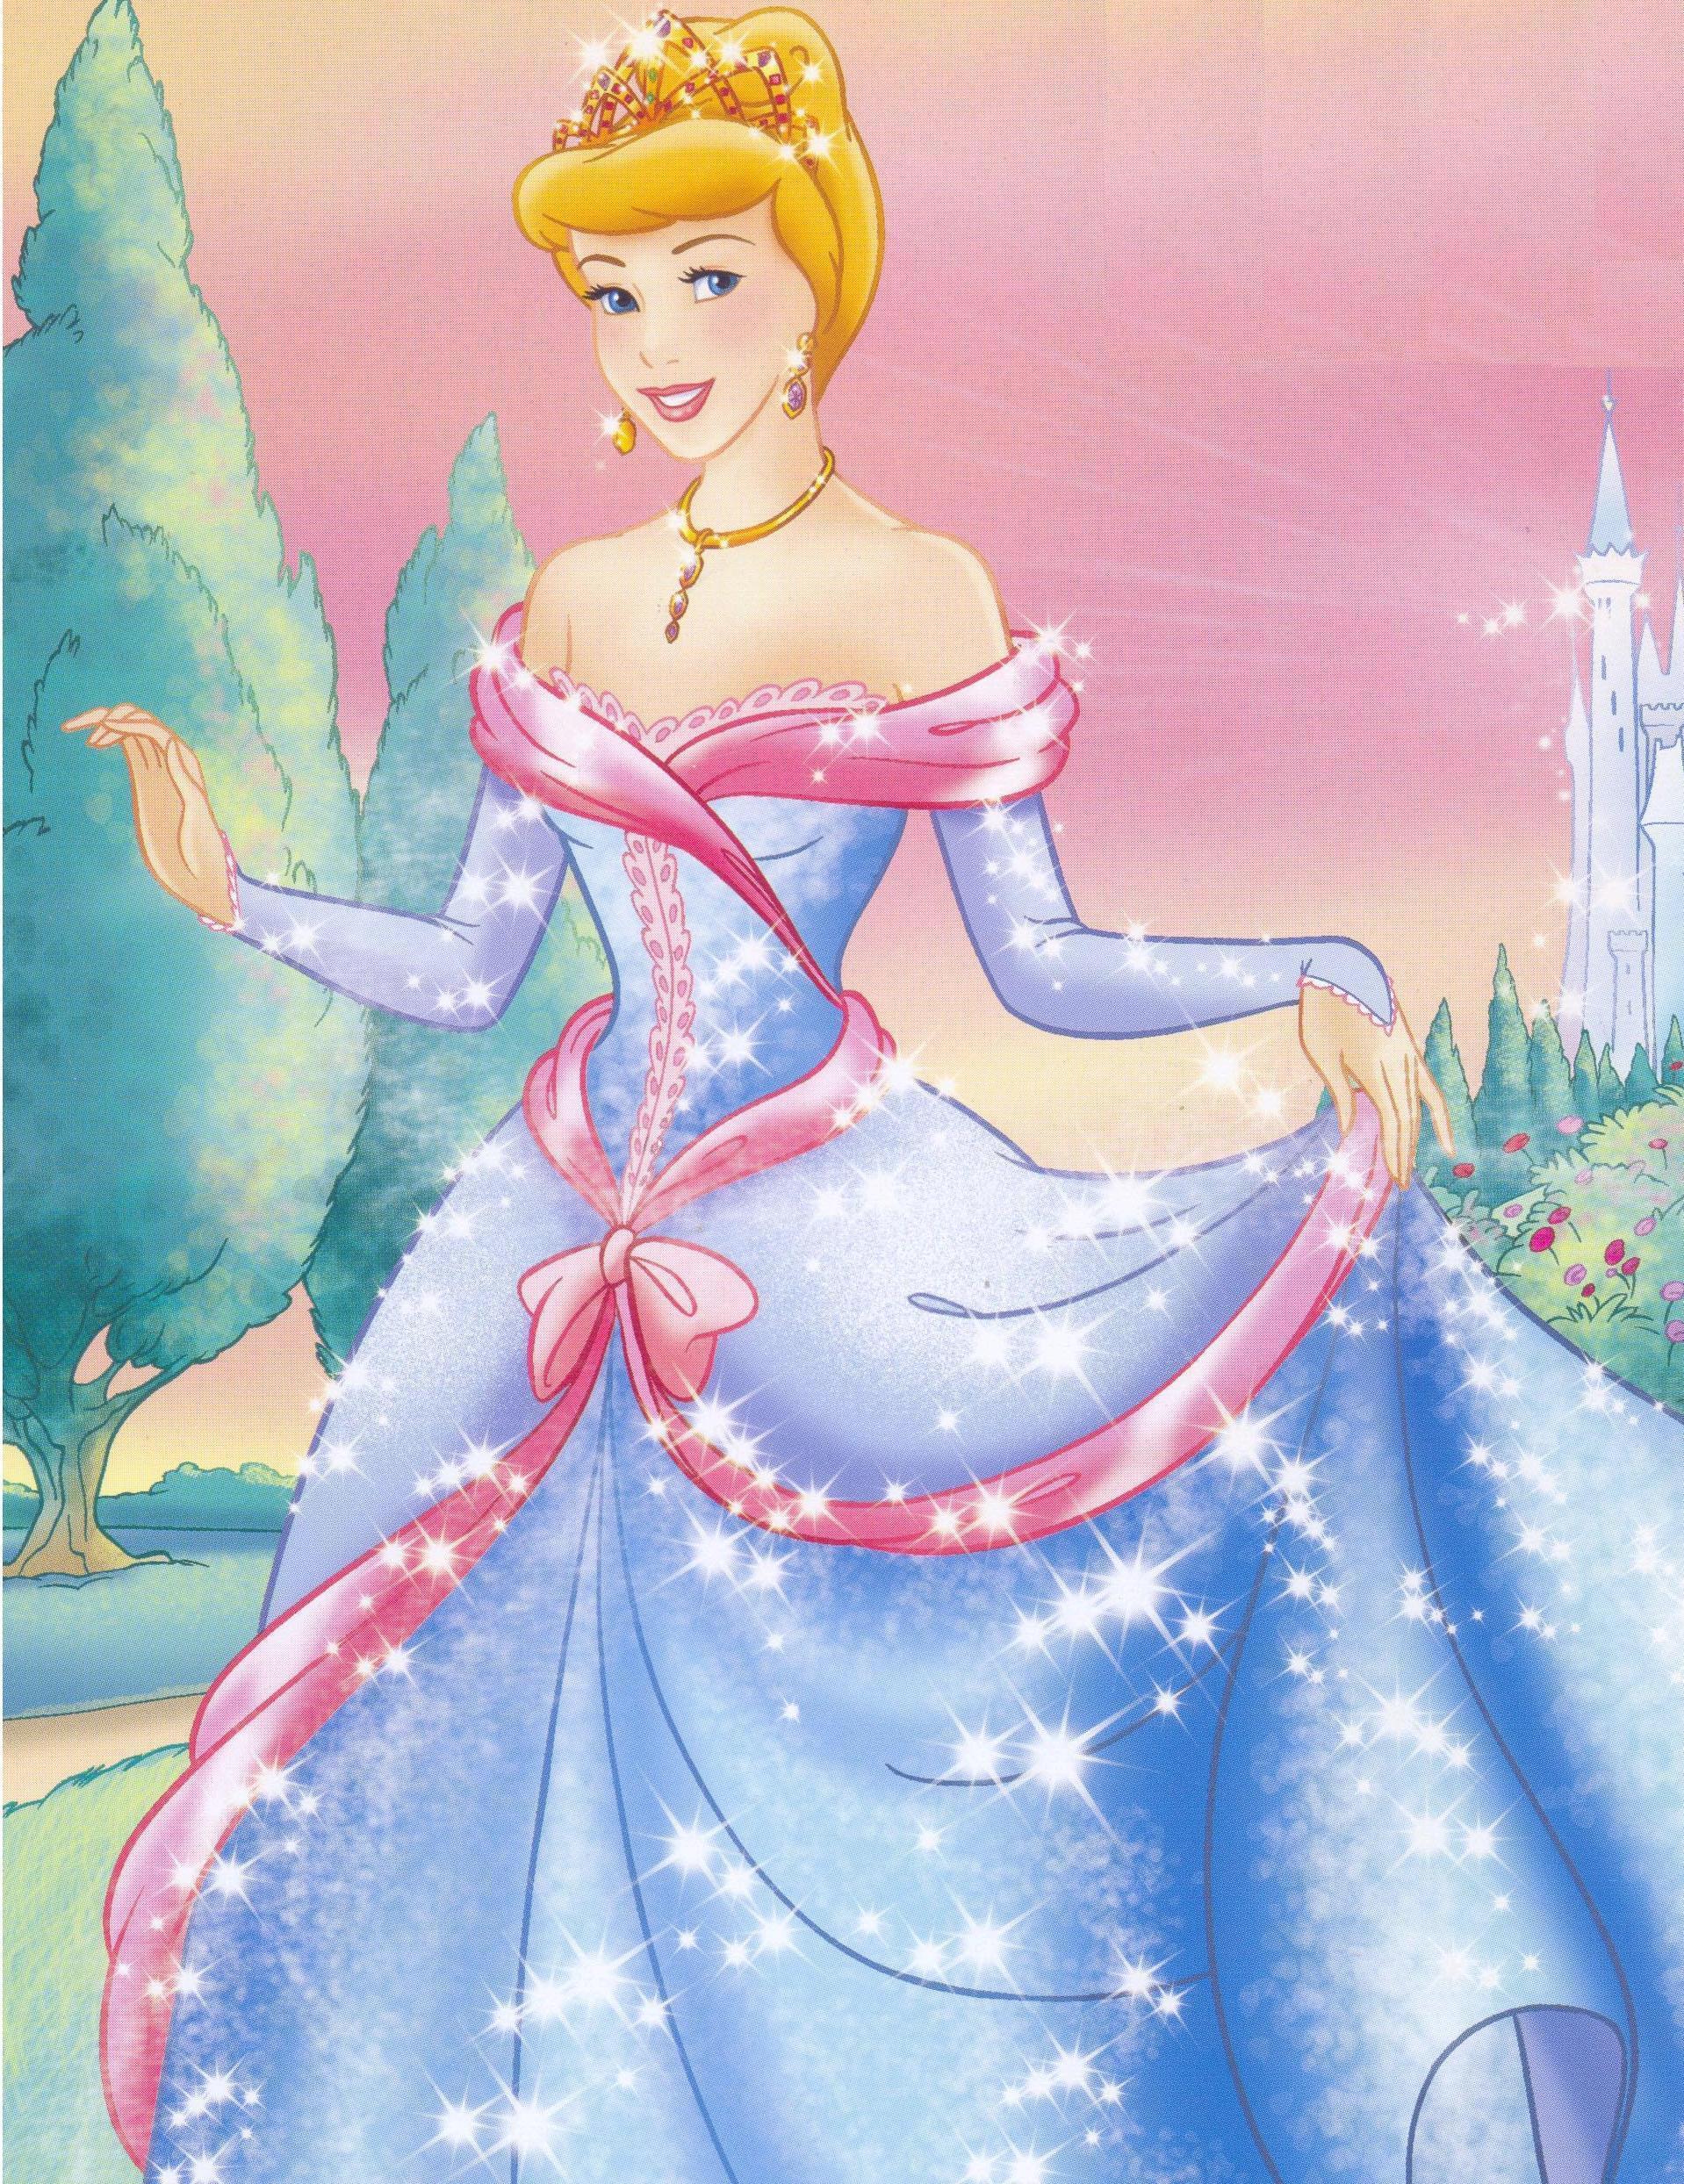 Disney Princess Cinderella Wallpapers Hd Wallpaper Cave